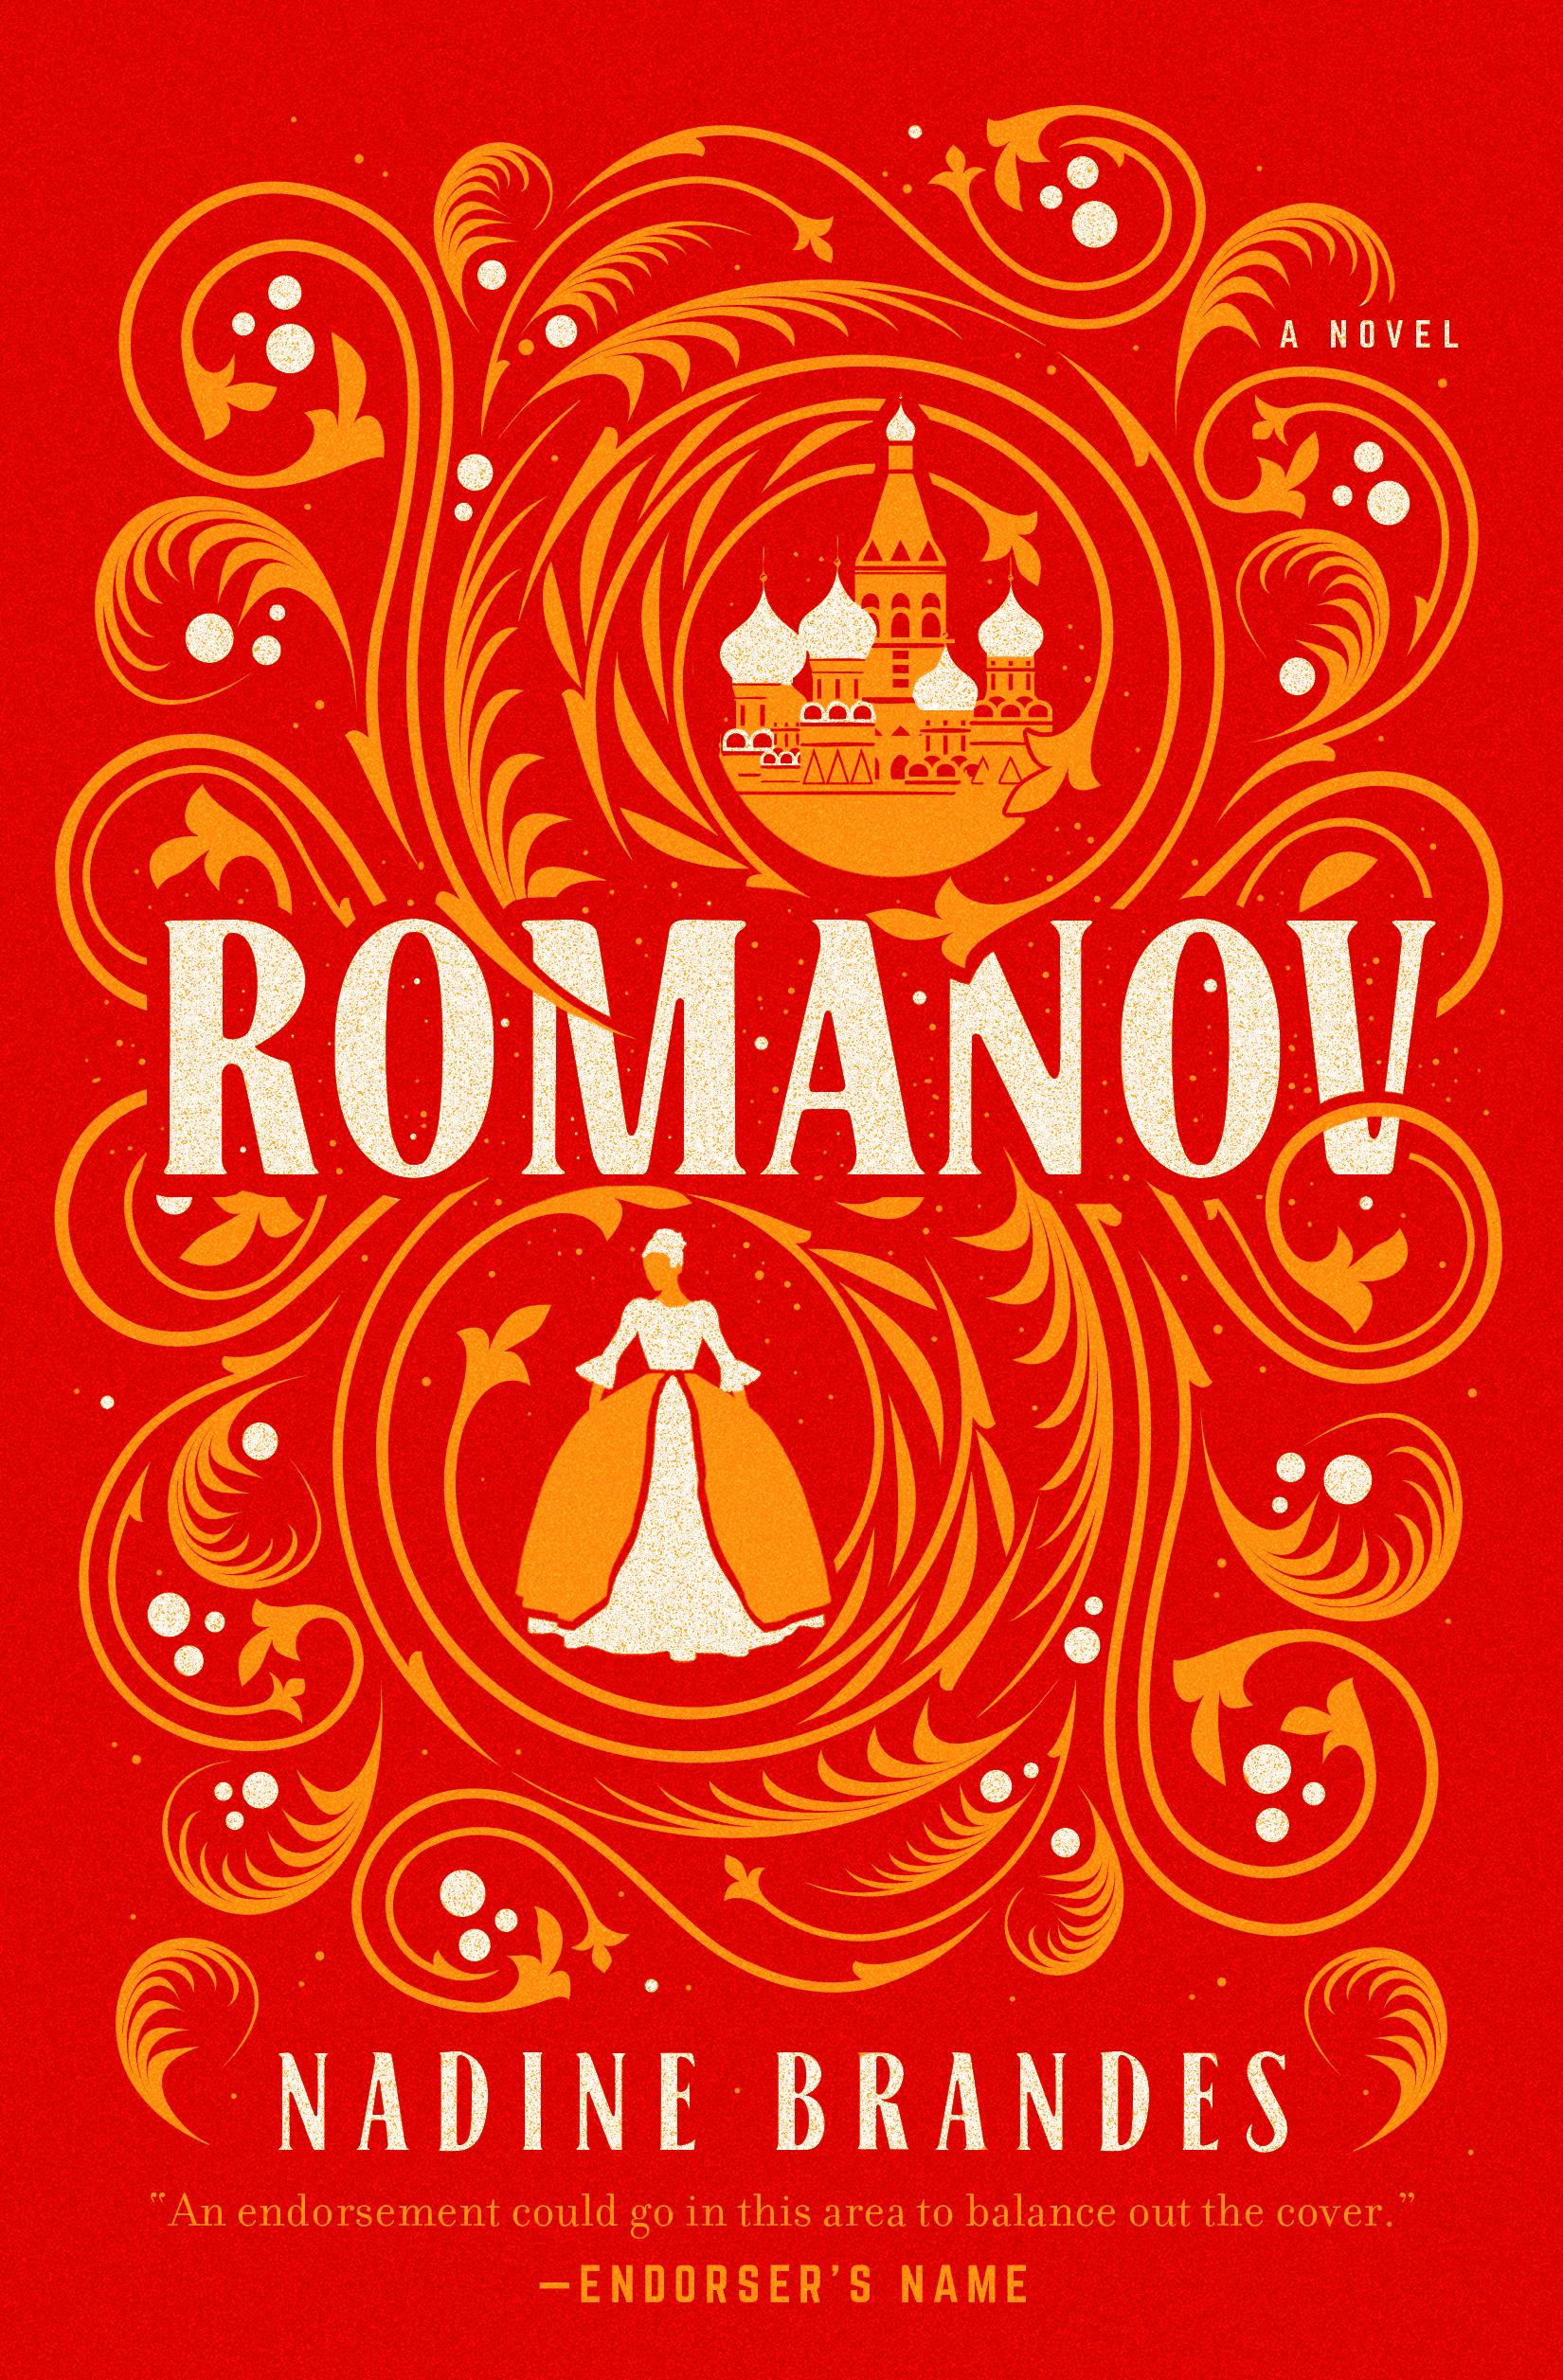 Romanov-2a.jpg